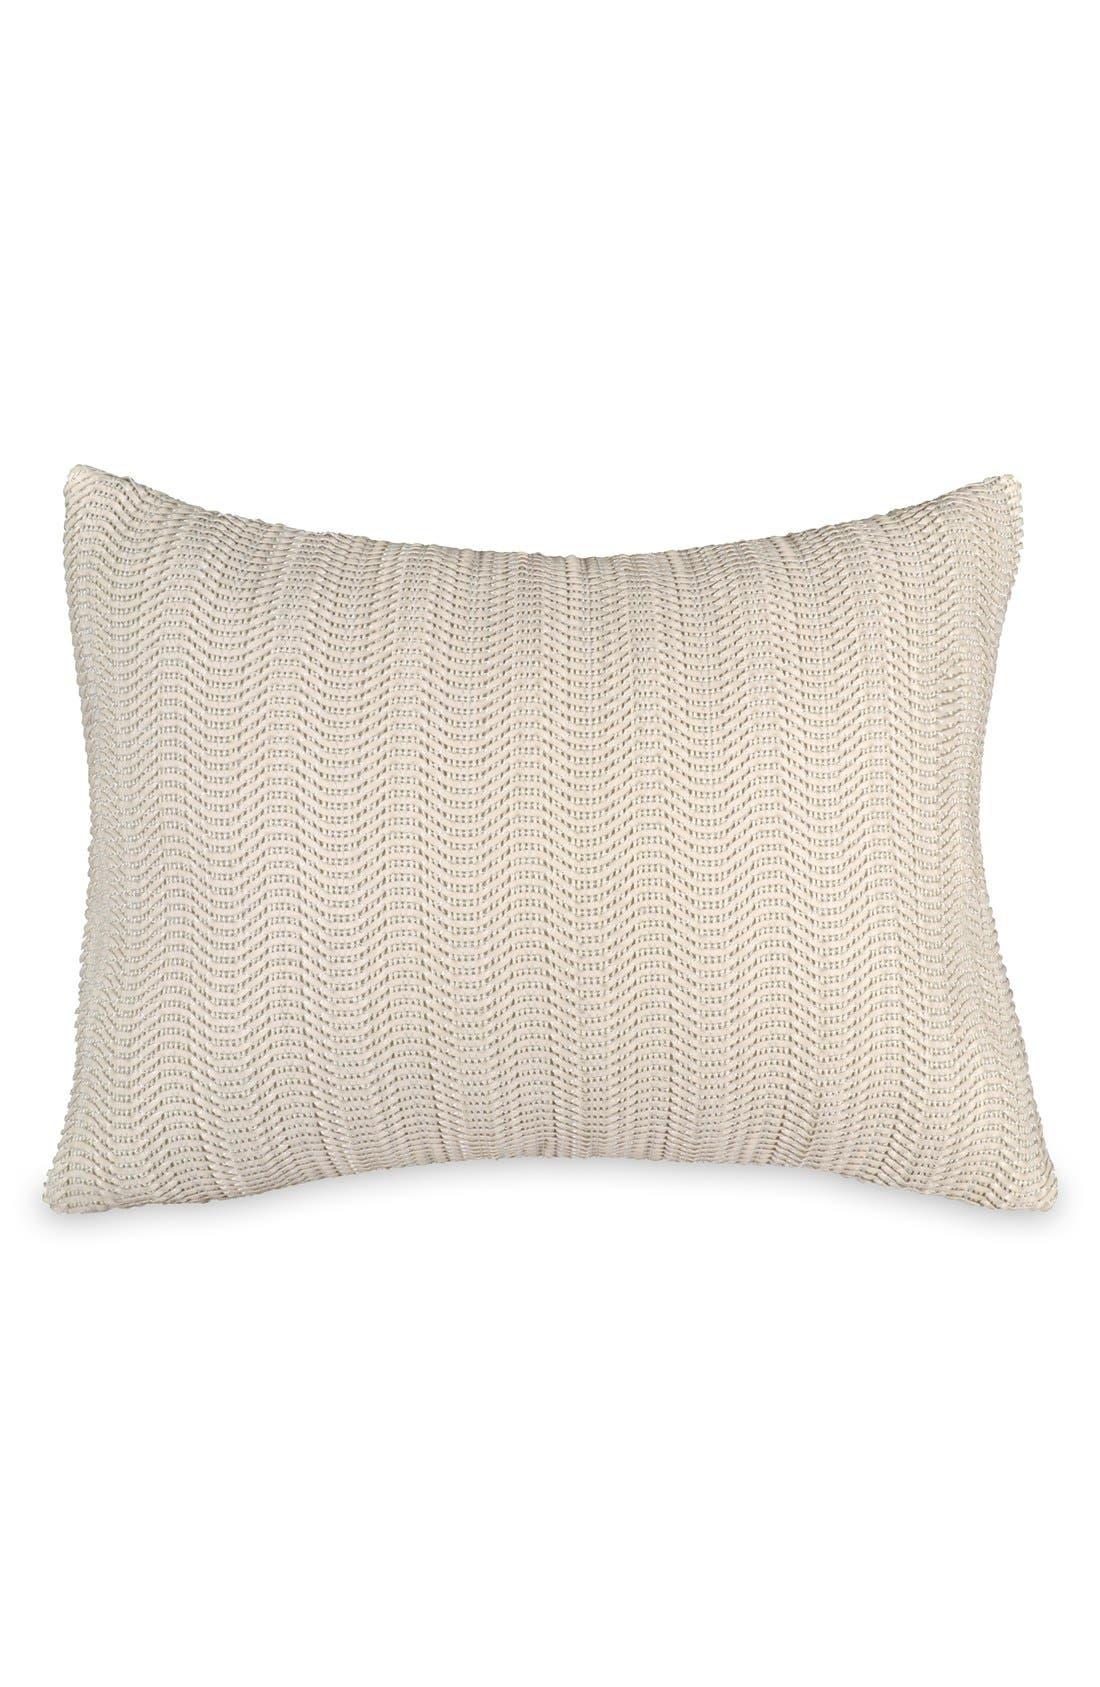 Donna Karan Collection 'Moonscape' Woven Pillow,                         Main,                         color, 900